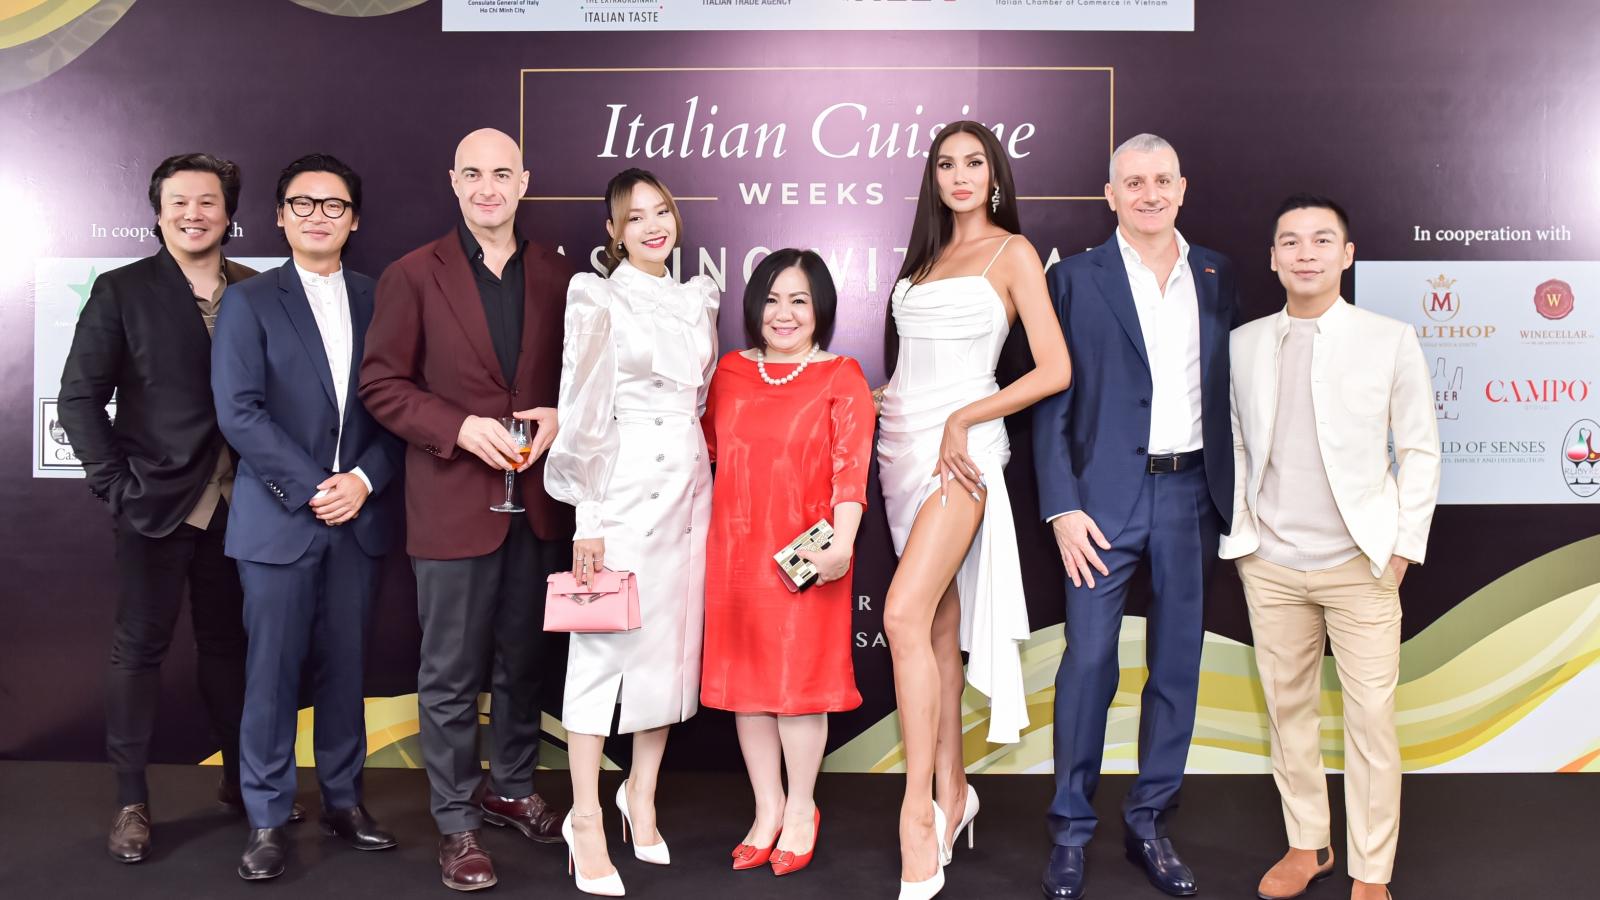 Đêm dạ tiệc ẩm thực Italy tại Việt Nam quy tụ dàn khách mời đình đám